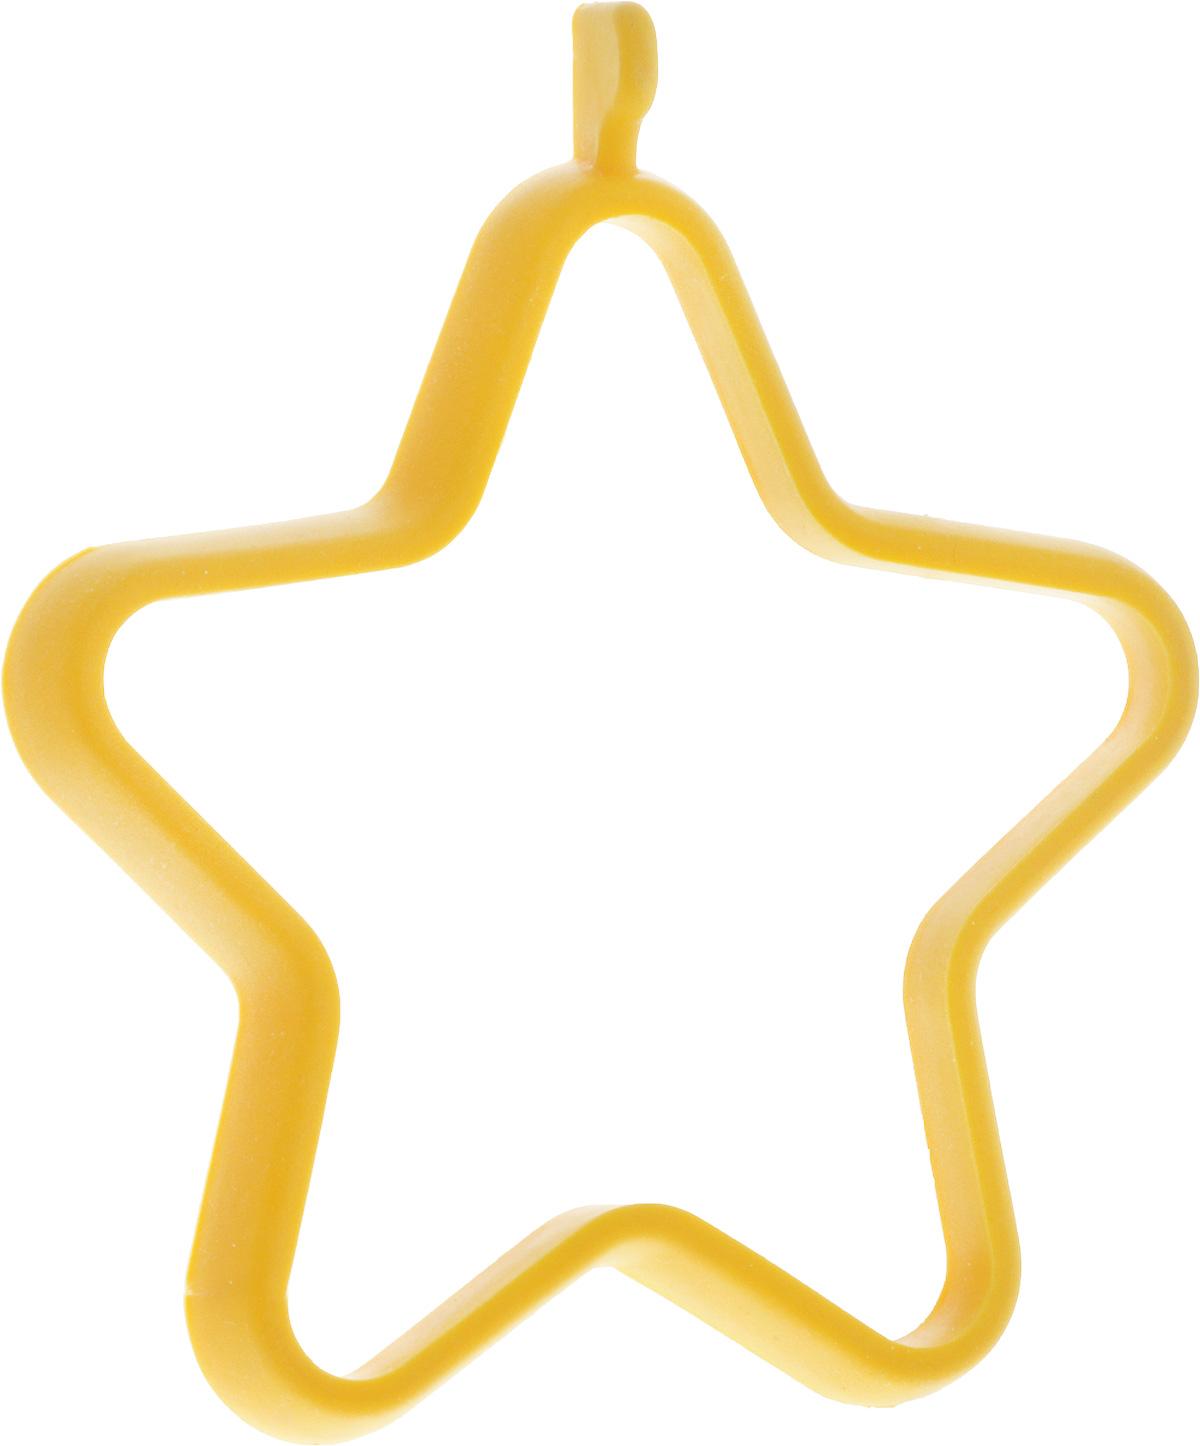 Форма для яичницы Oursson Звезда, цвет: желтый, 13,5 х 11,4 х 1 смBW1356S/MC_желтый_звездаФорма для яичницы Oursson Звезда, цвет: желтый, 13,5 х 11,4 х 1 см